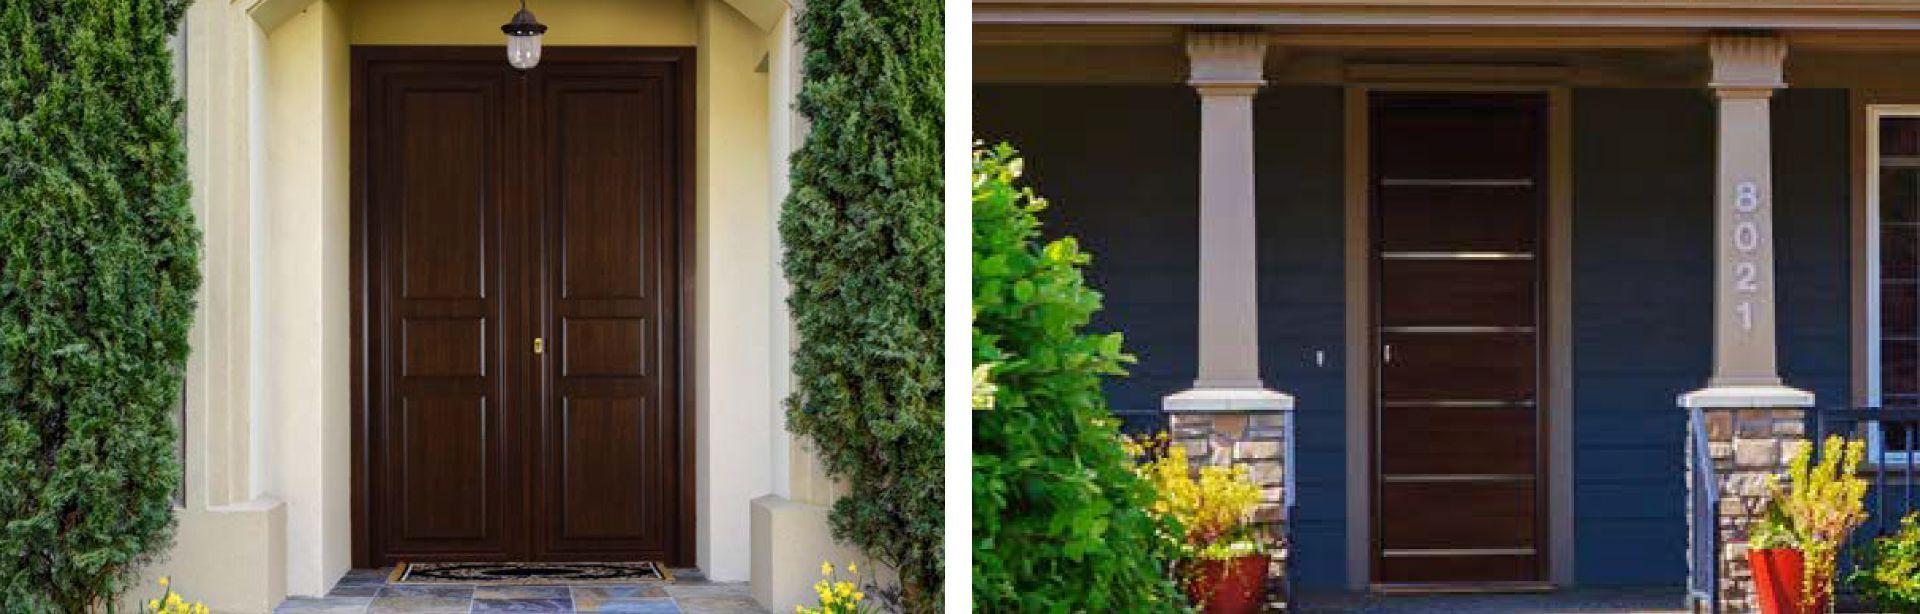 Puertas de entrada puntoaluminio-contenido-puestas-entrada-texto02